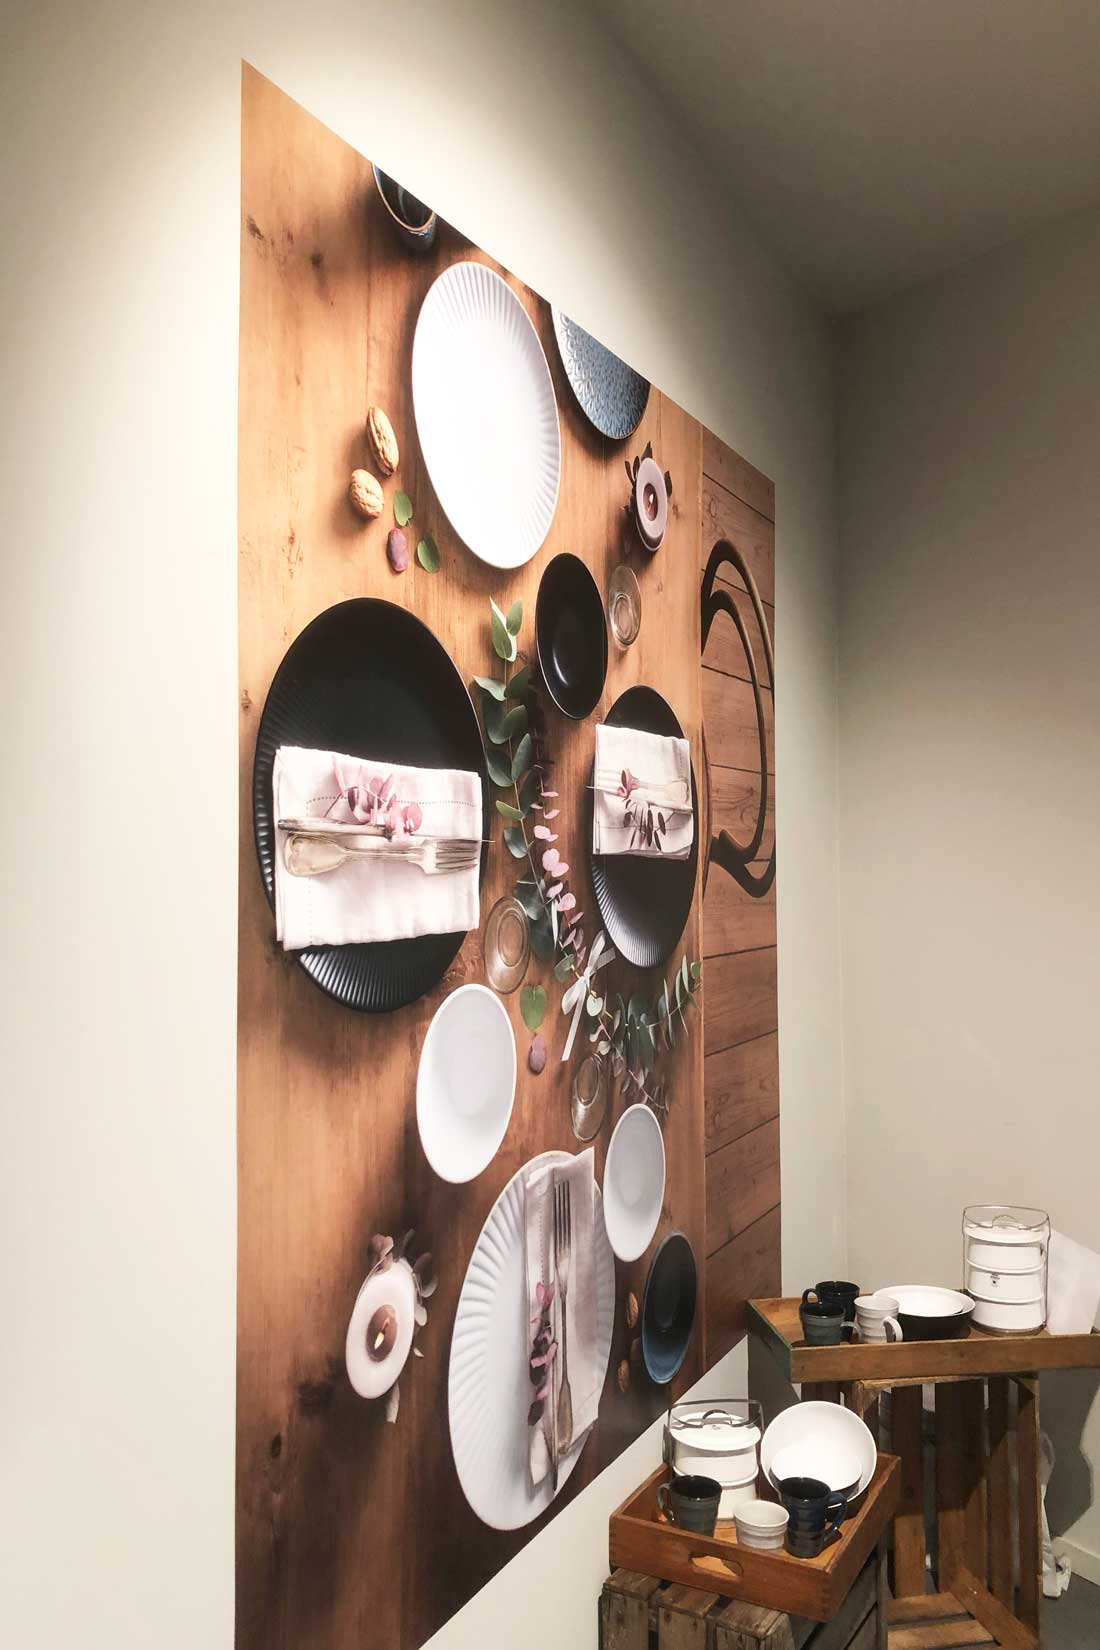 Wandbild mit 3D-Optik: Holztisch mit Geschirr